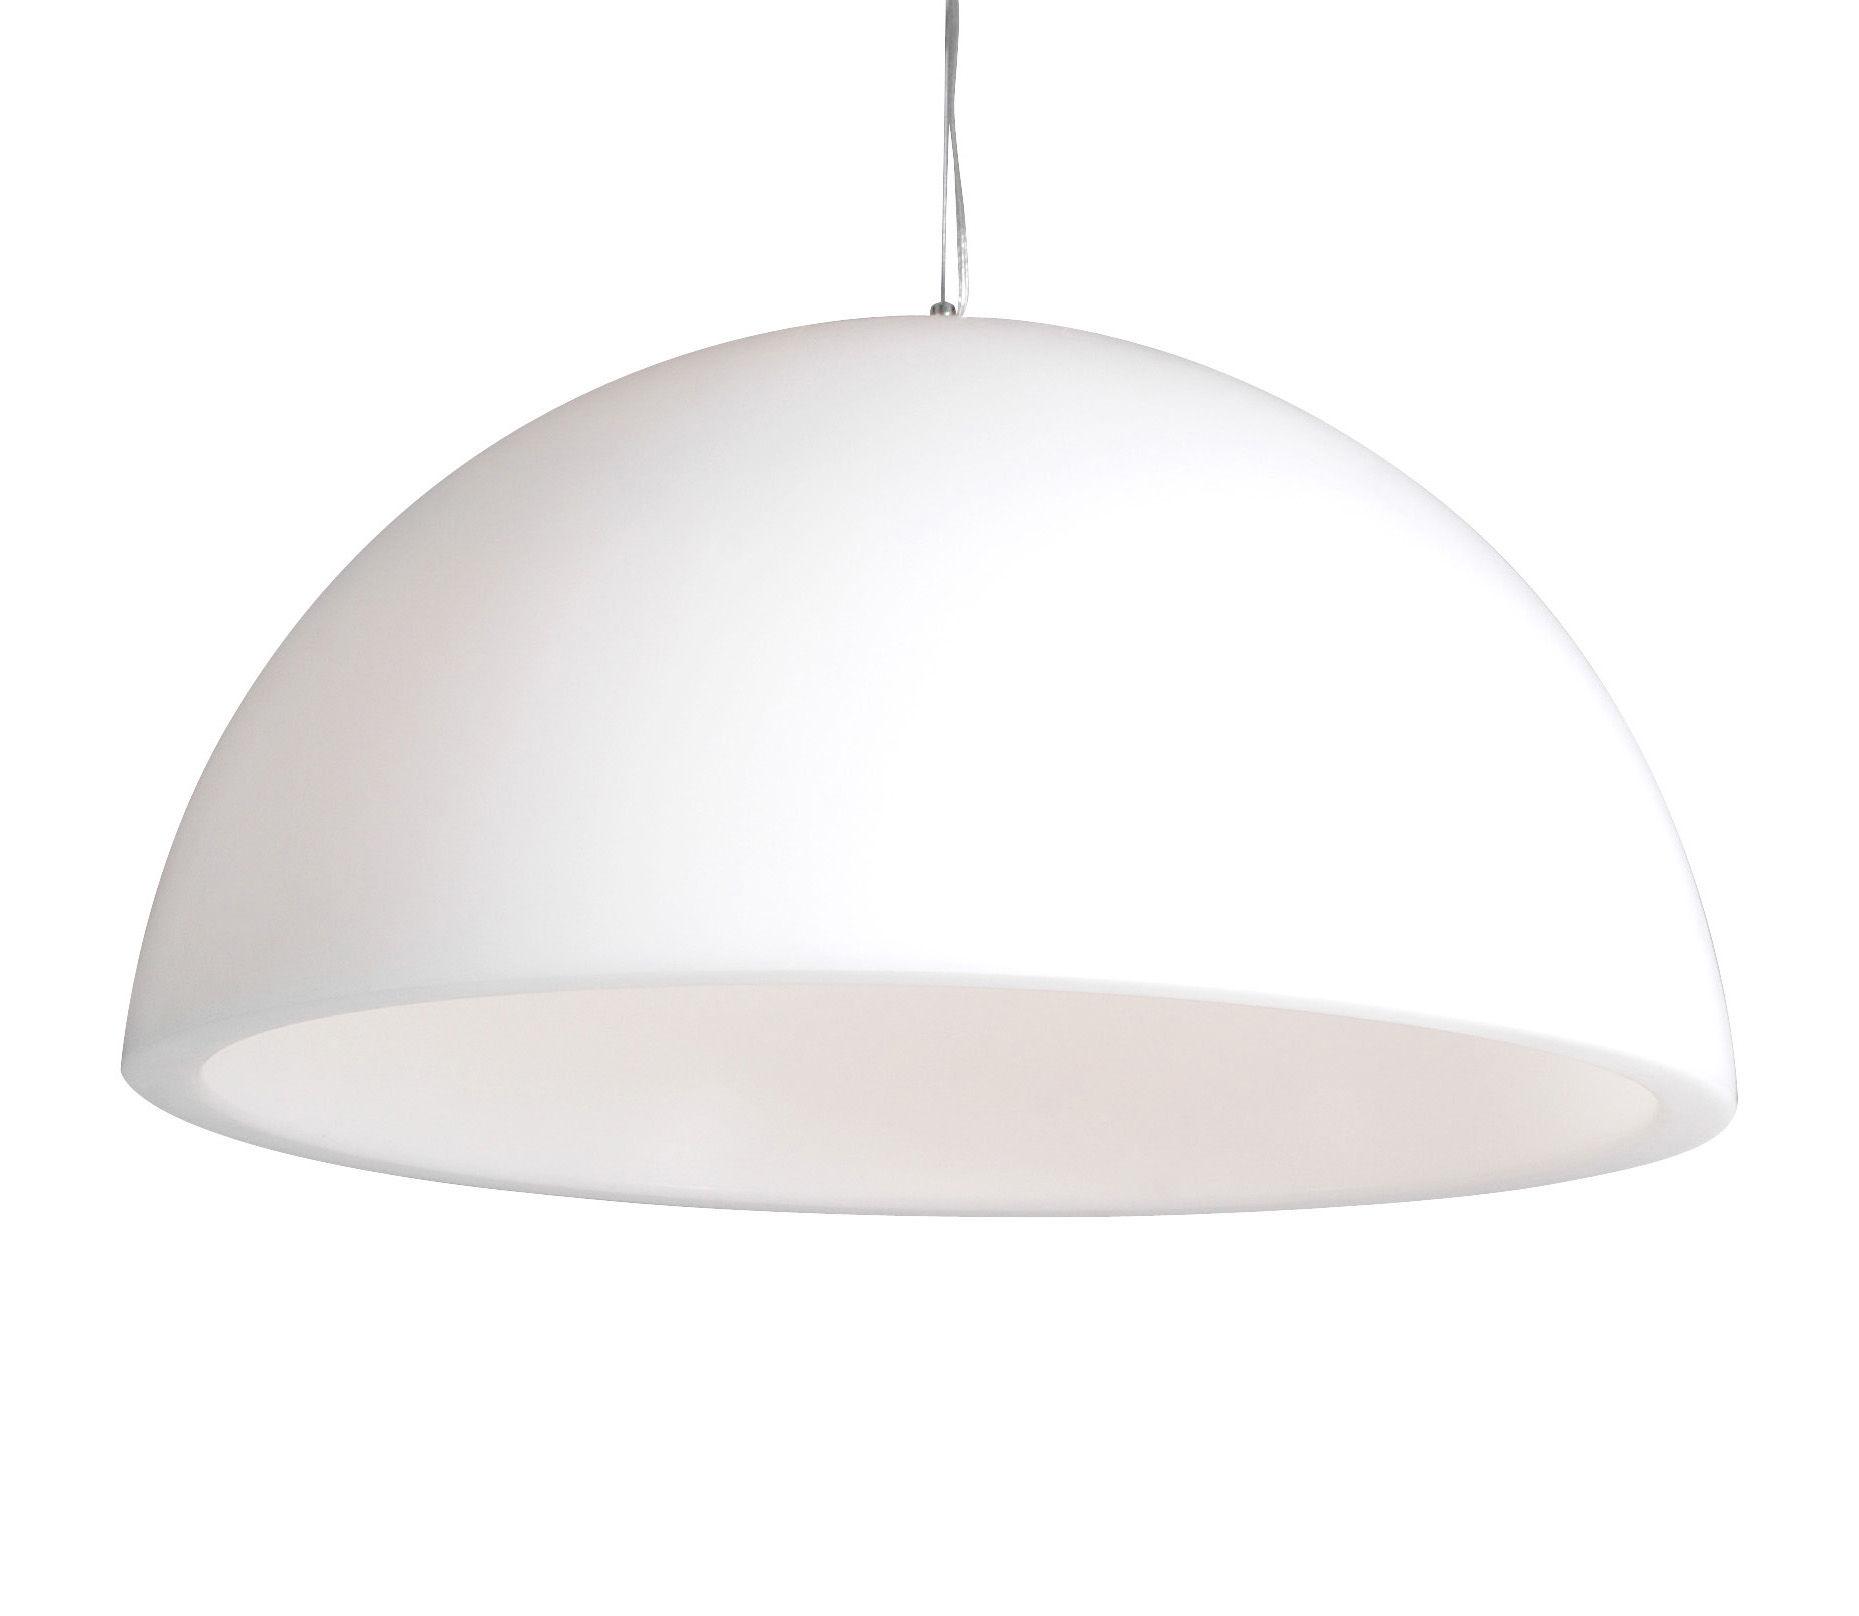 Luminaire - Suspensions - Suspension Cupole Ø 80 cm / Version mate - Slide - Blanc - Polyéthylène